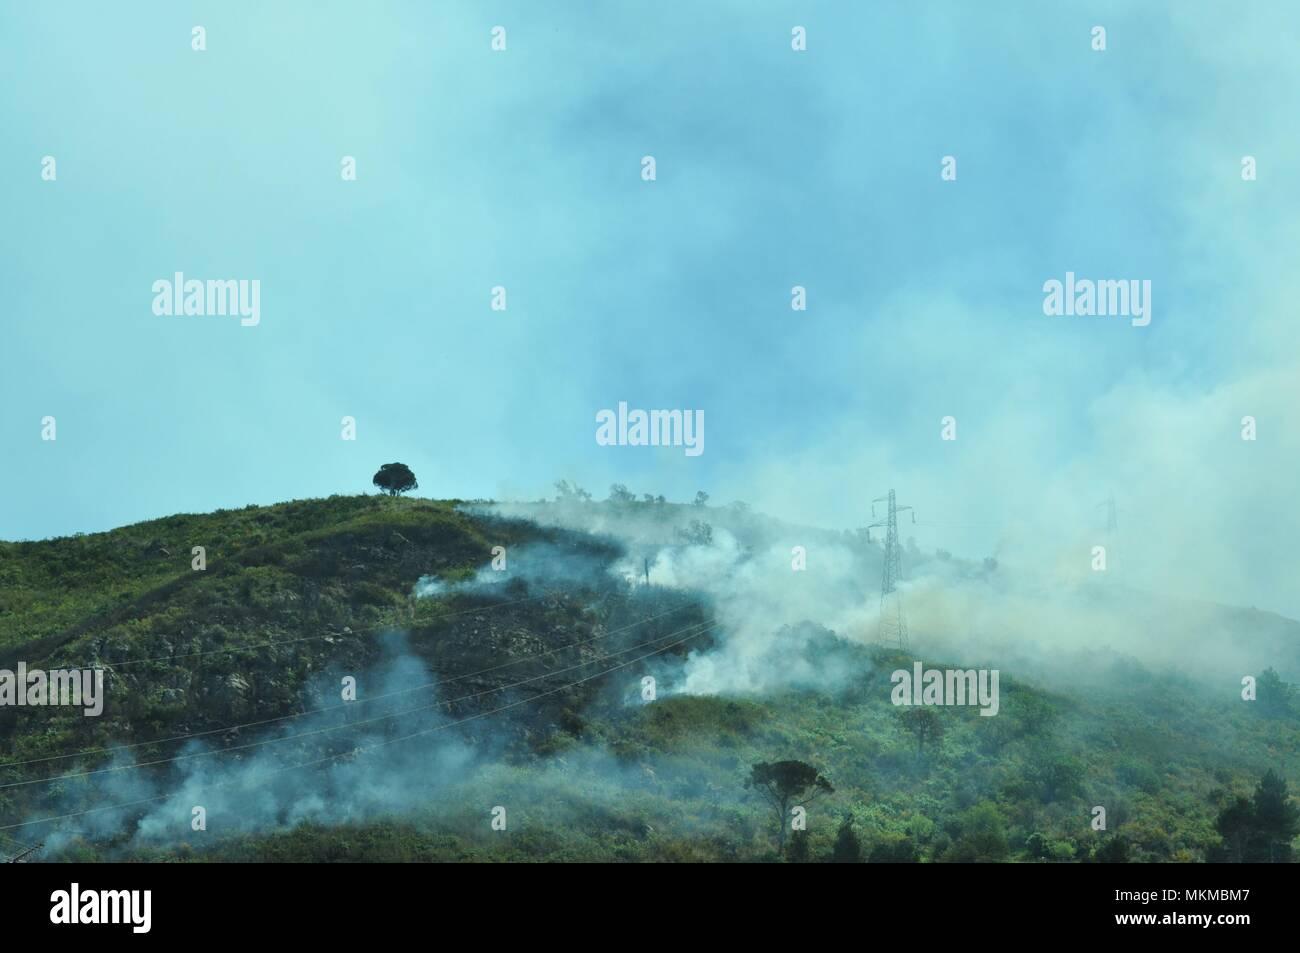 Incendio su una collina, vegetazione in fumo, macchia mediterranea - Stock Image